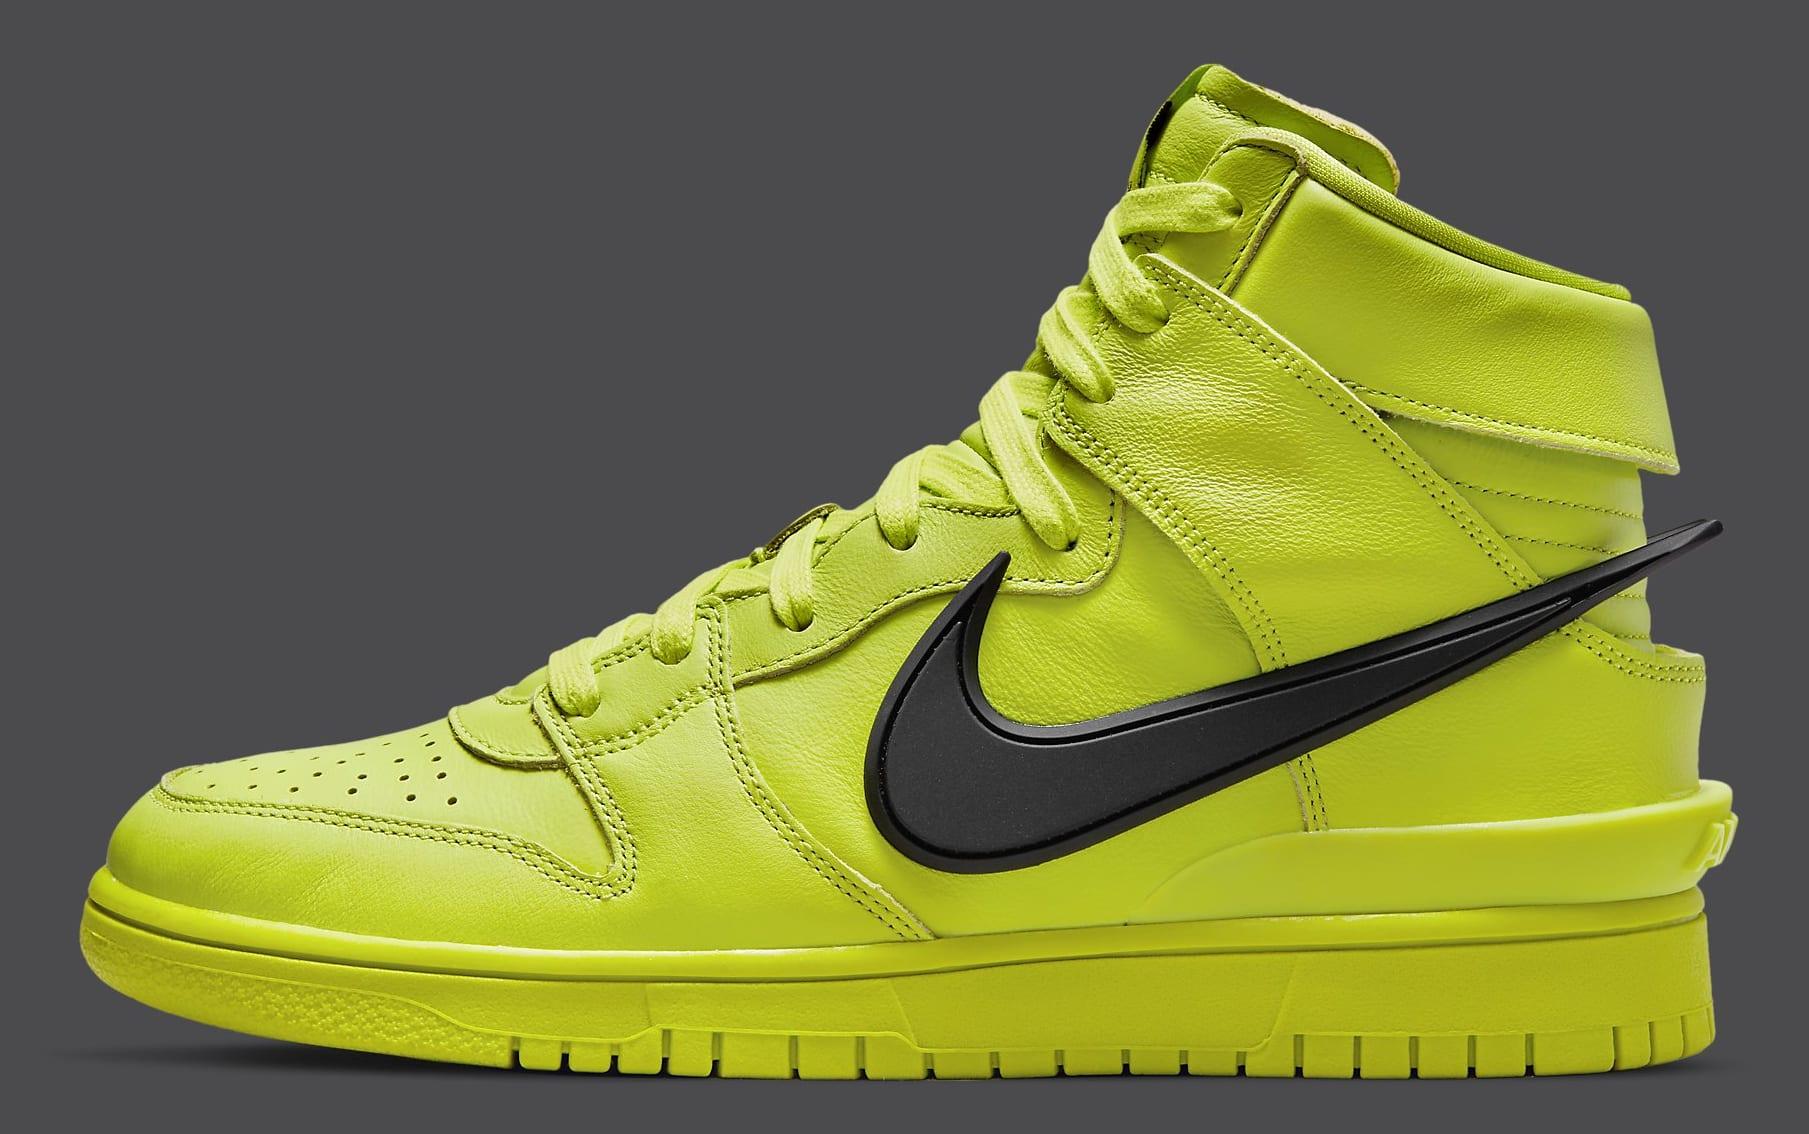 Ambush x Nike Dunk High Atomic Green Release Date CU7544-300 Profile